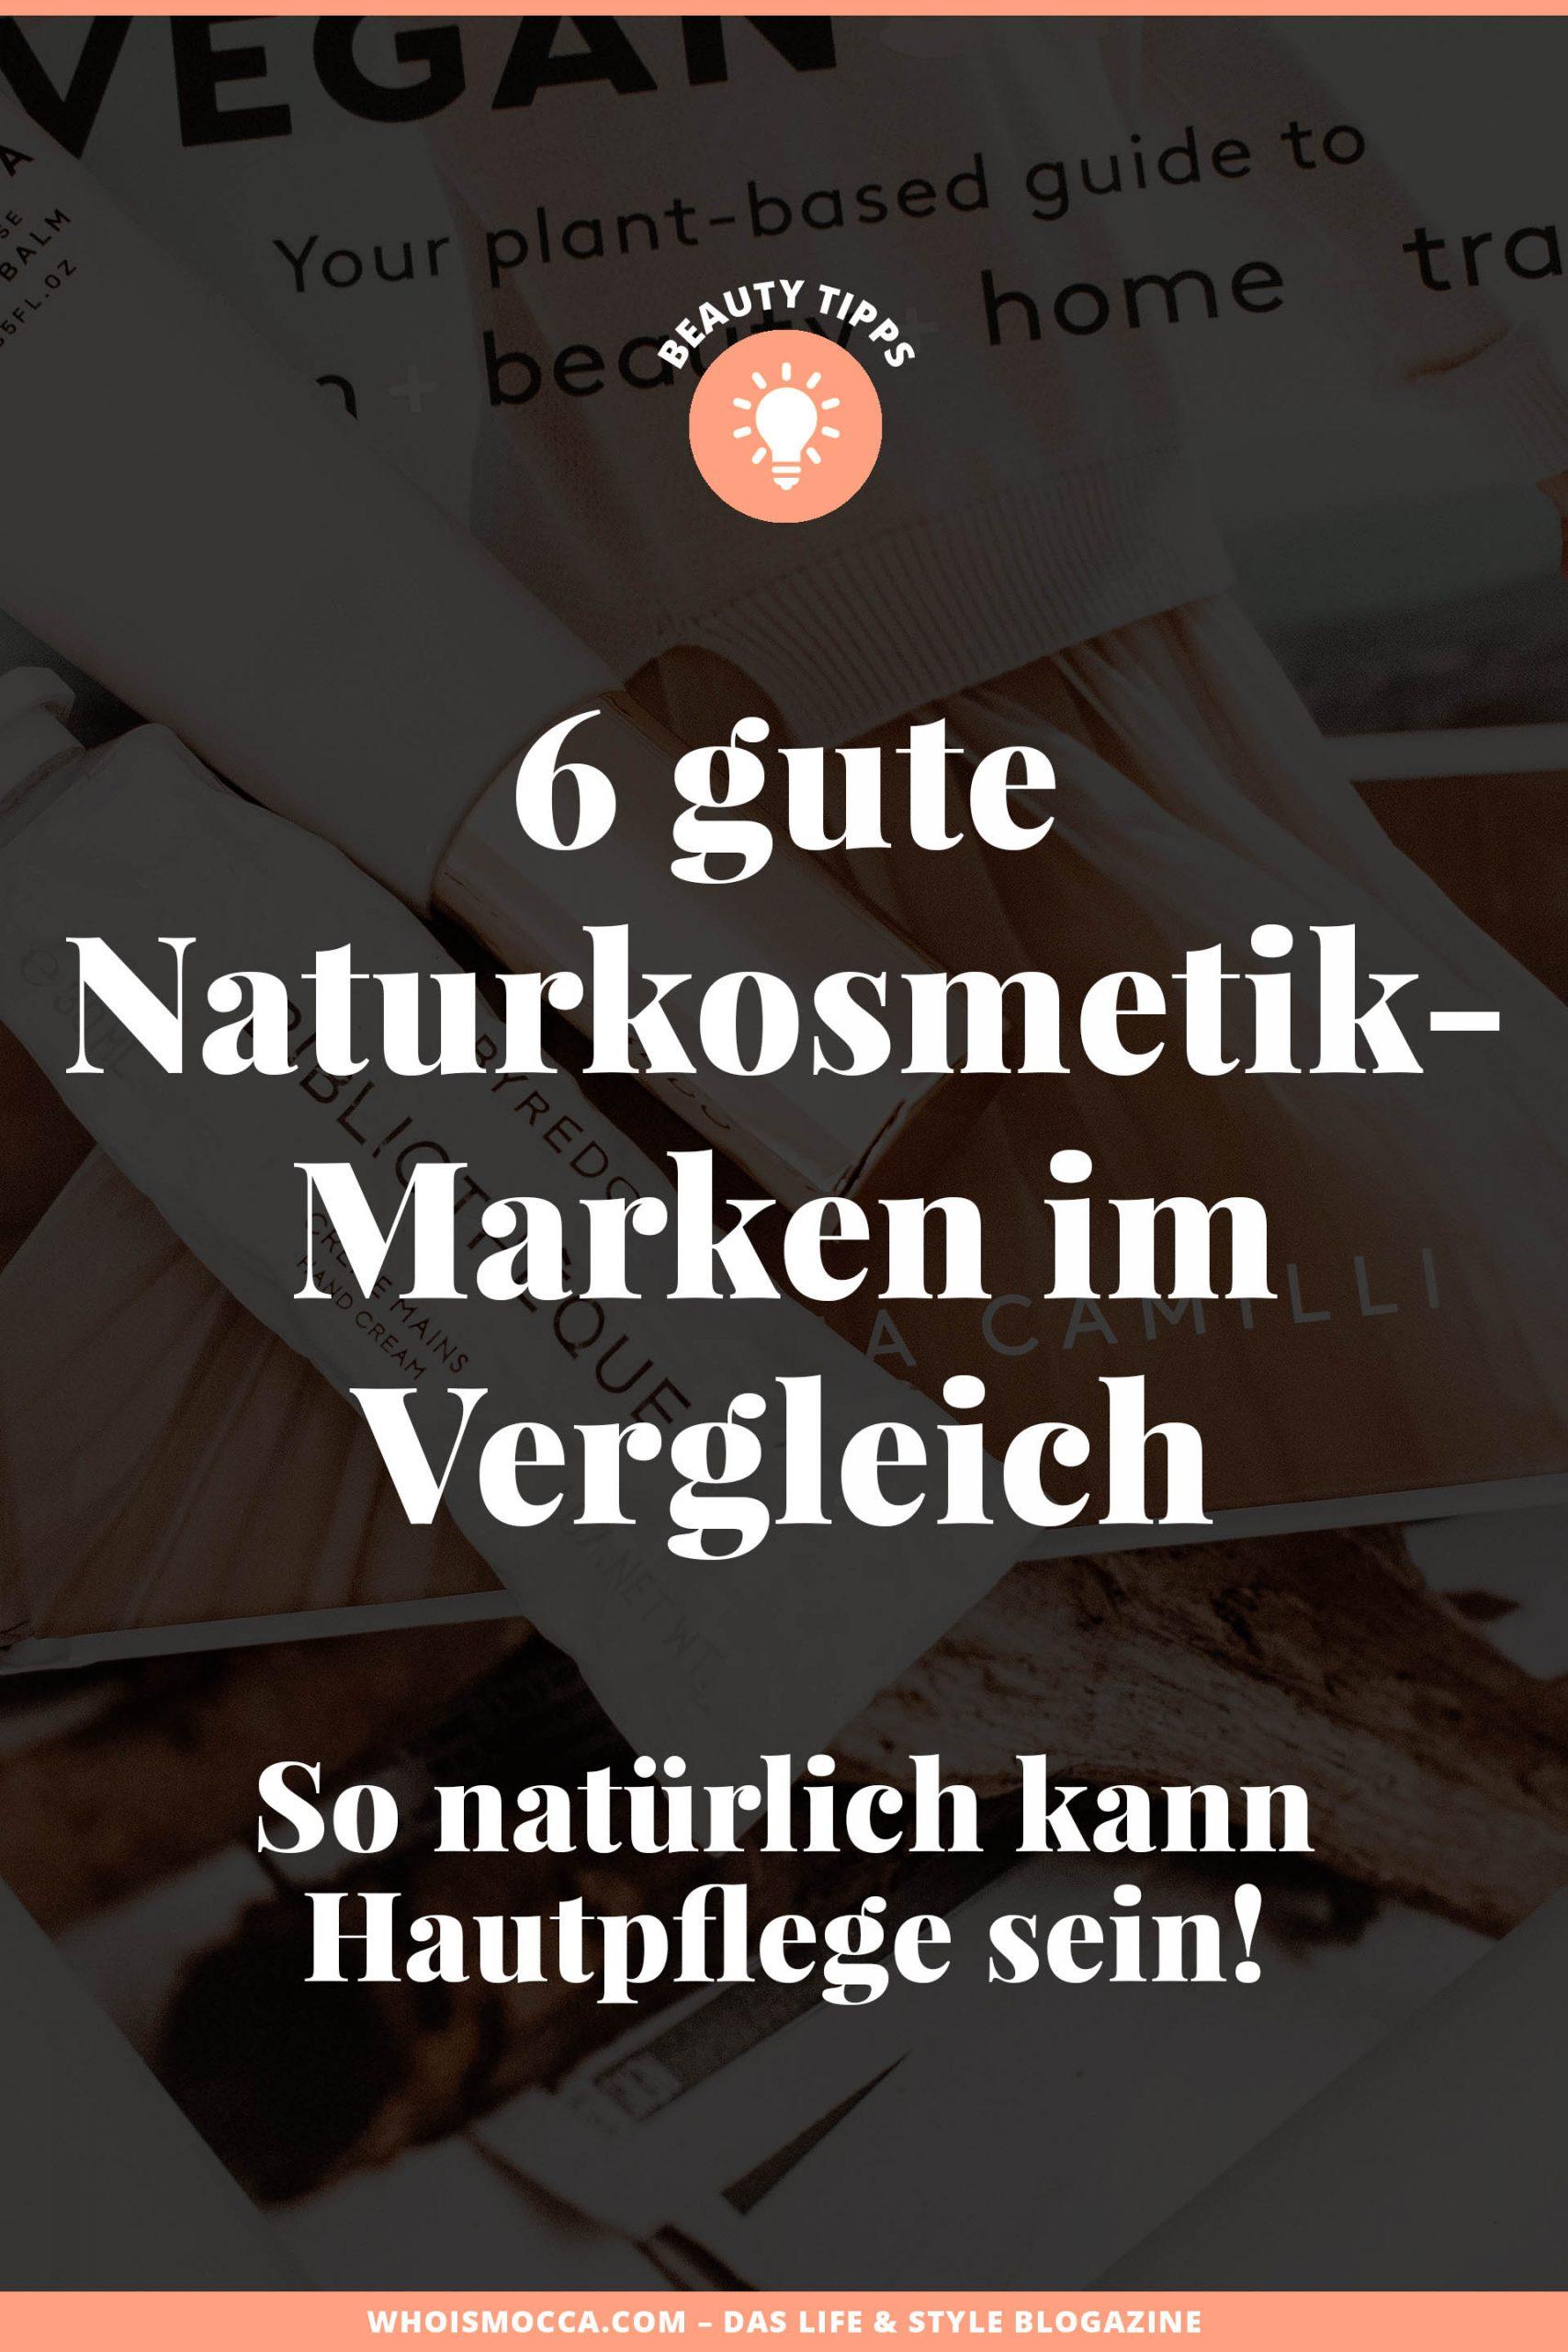 Welche Naturkosmetik-Marke ist die beste? Die Auswahl an Naturkosmetik-Markenist groß und da kann es uns schon mal schwerfallen, die richtige Pflege zu finden. Ich stelle dir meine 7 liebsten Naturkosmetik-Marken vor, für eine besonders natürliche Hautpflege.